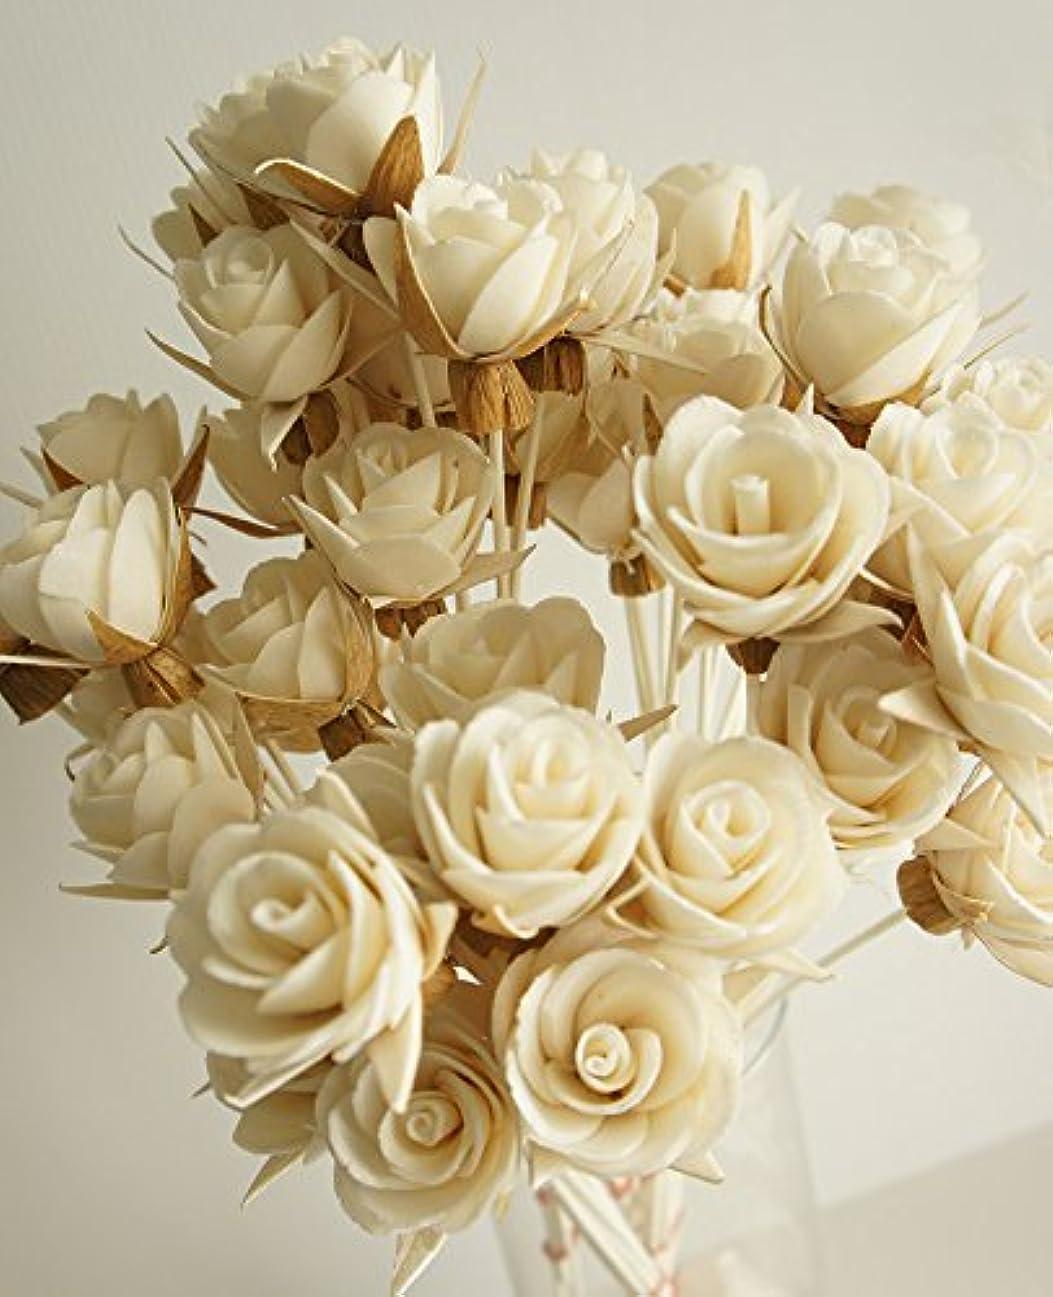 不機嫌そうな小切手乱すエキゾチックエレガンスのセット50ローズデザインSola Flowerスティックfor Aroma Diffuser直径1.5。」